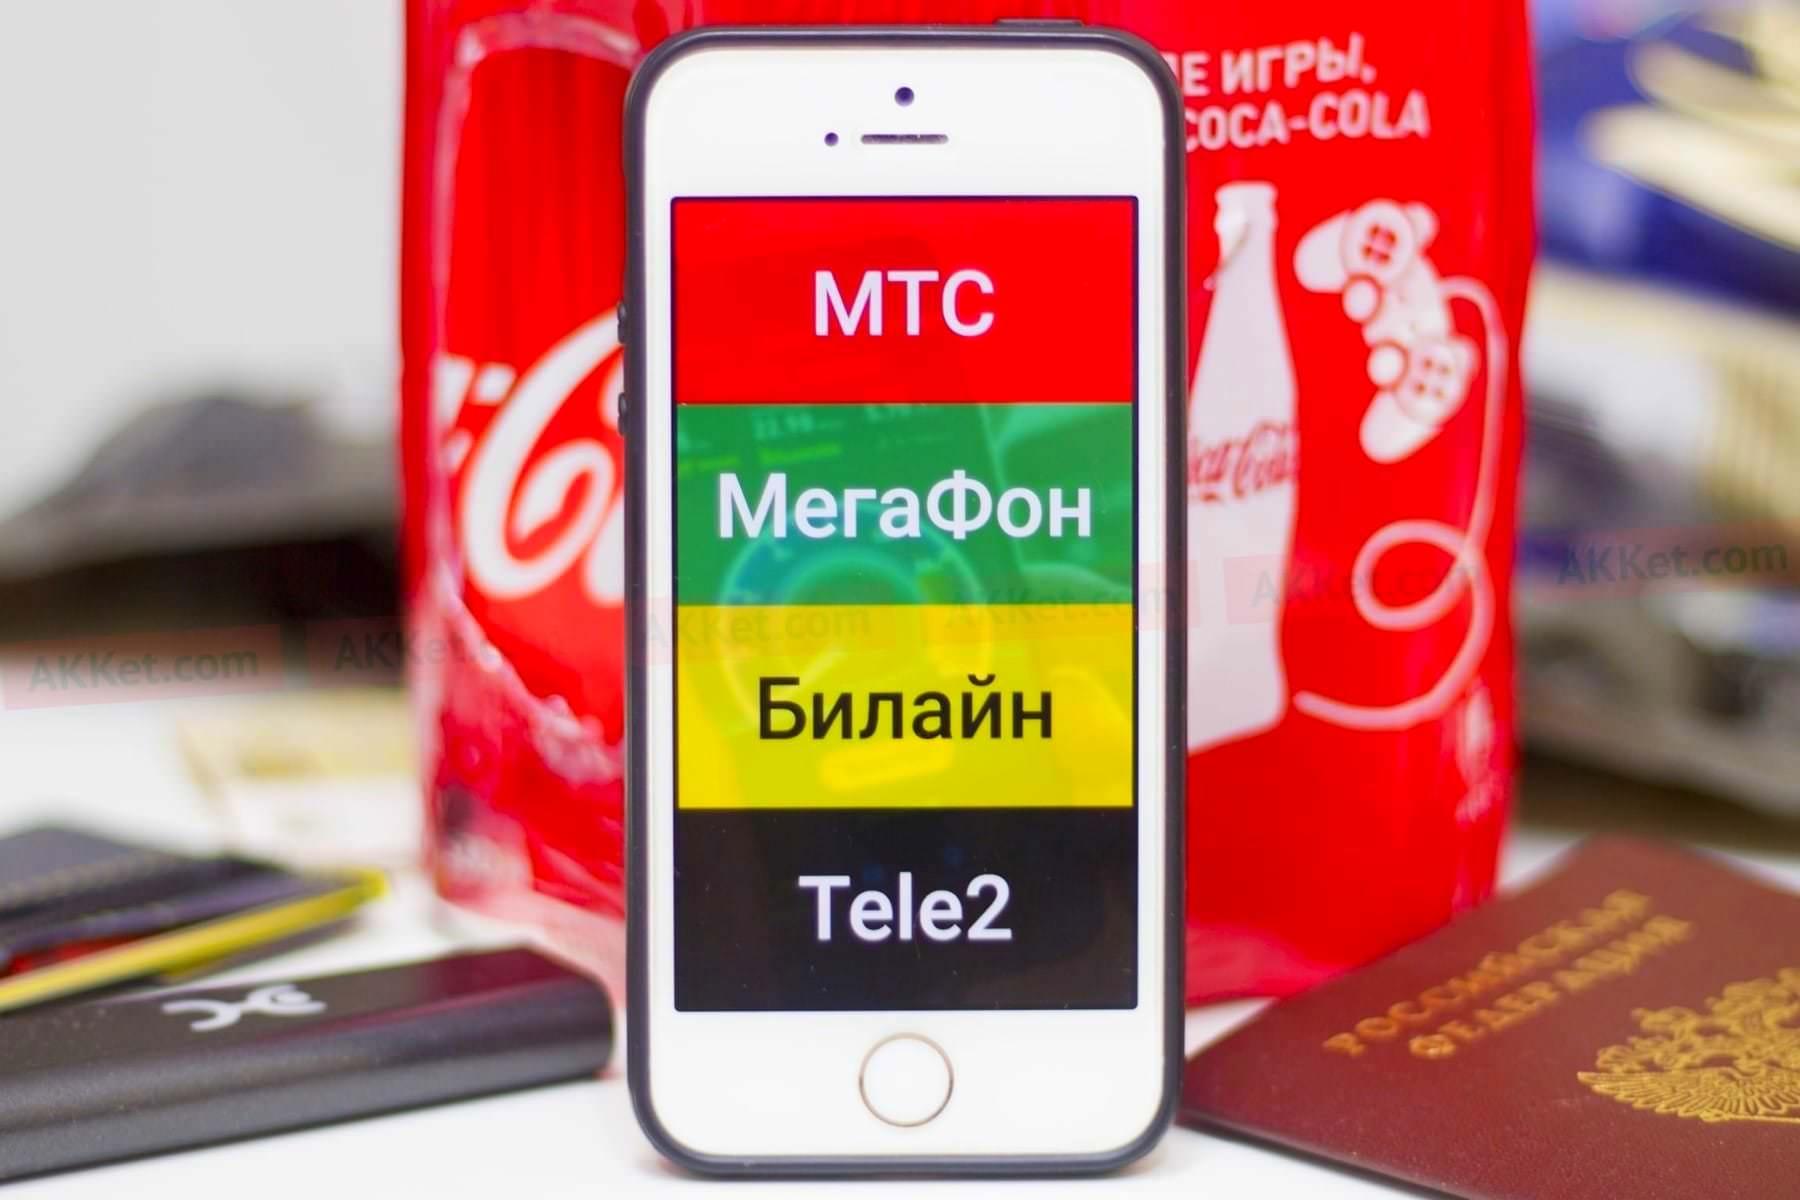 Картинка мтс и мегафон